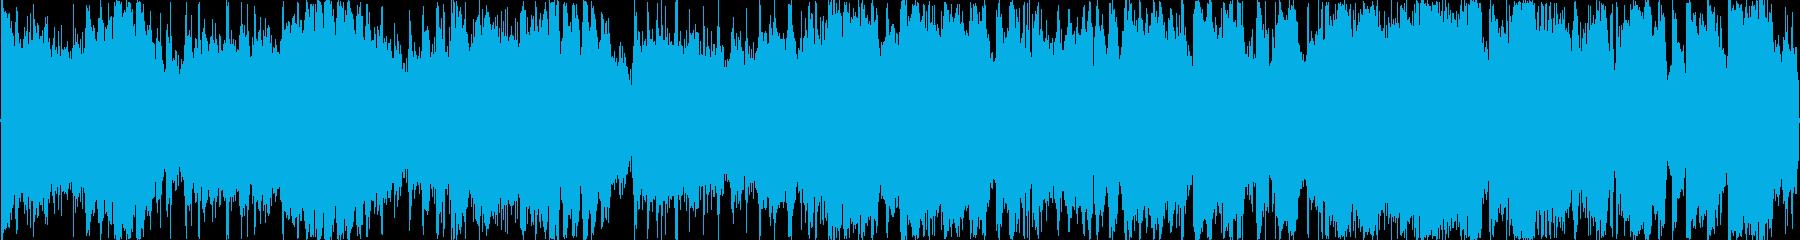 イベント達成の時のファンファーレの再生済みの波形